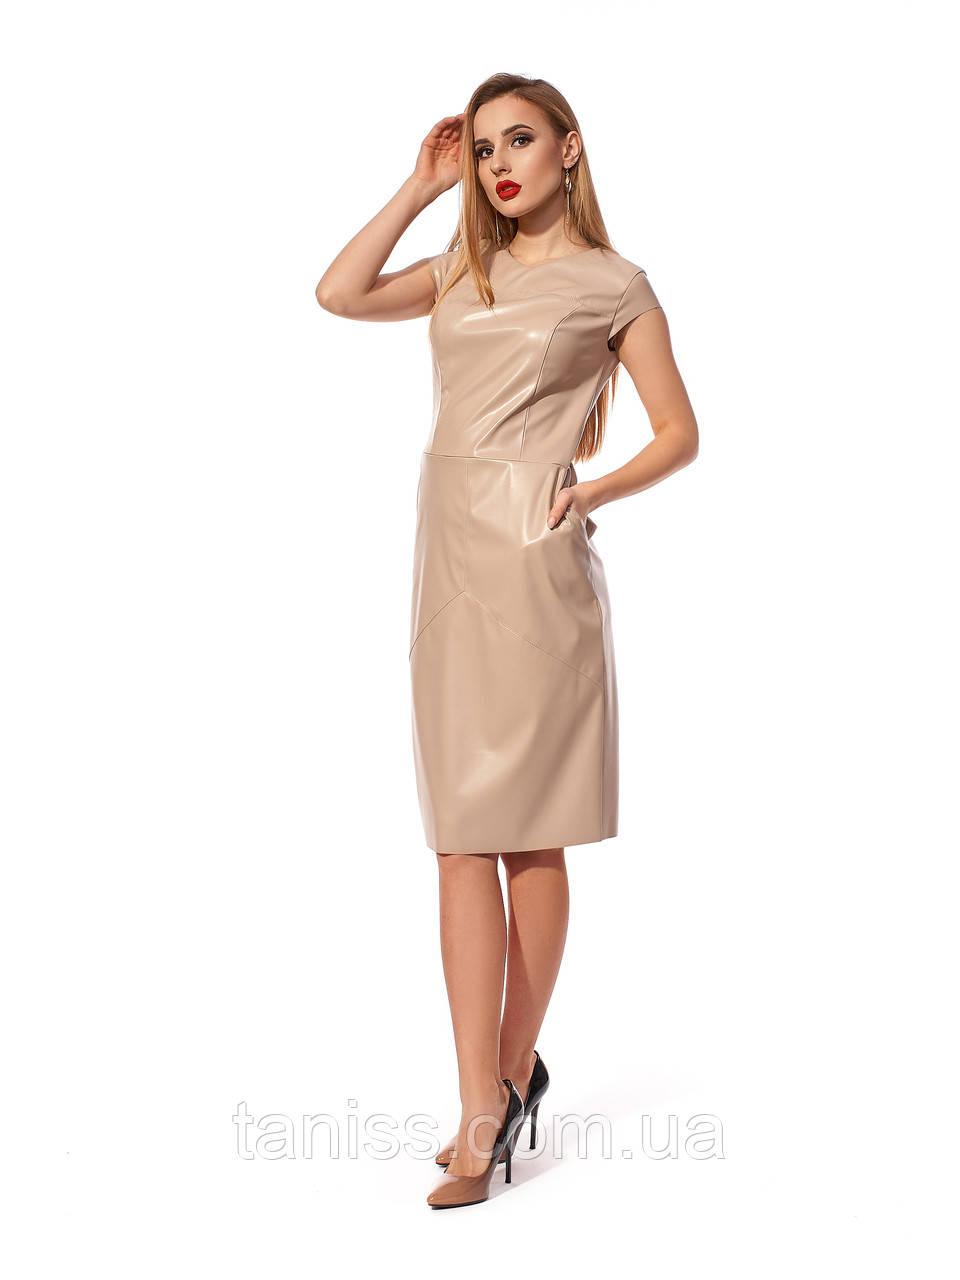 Стильное, офисное, прогулочное платье, без рукавов, ткань эко кожа, размеры 42,44,46,48 (1226.1) бежевый,сукня